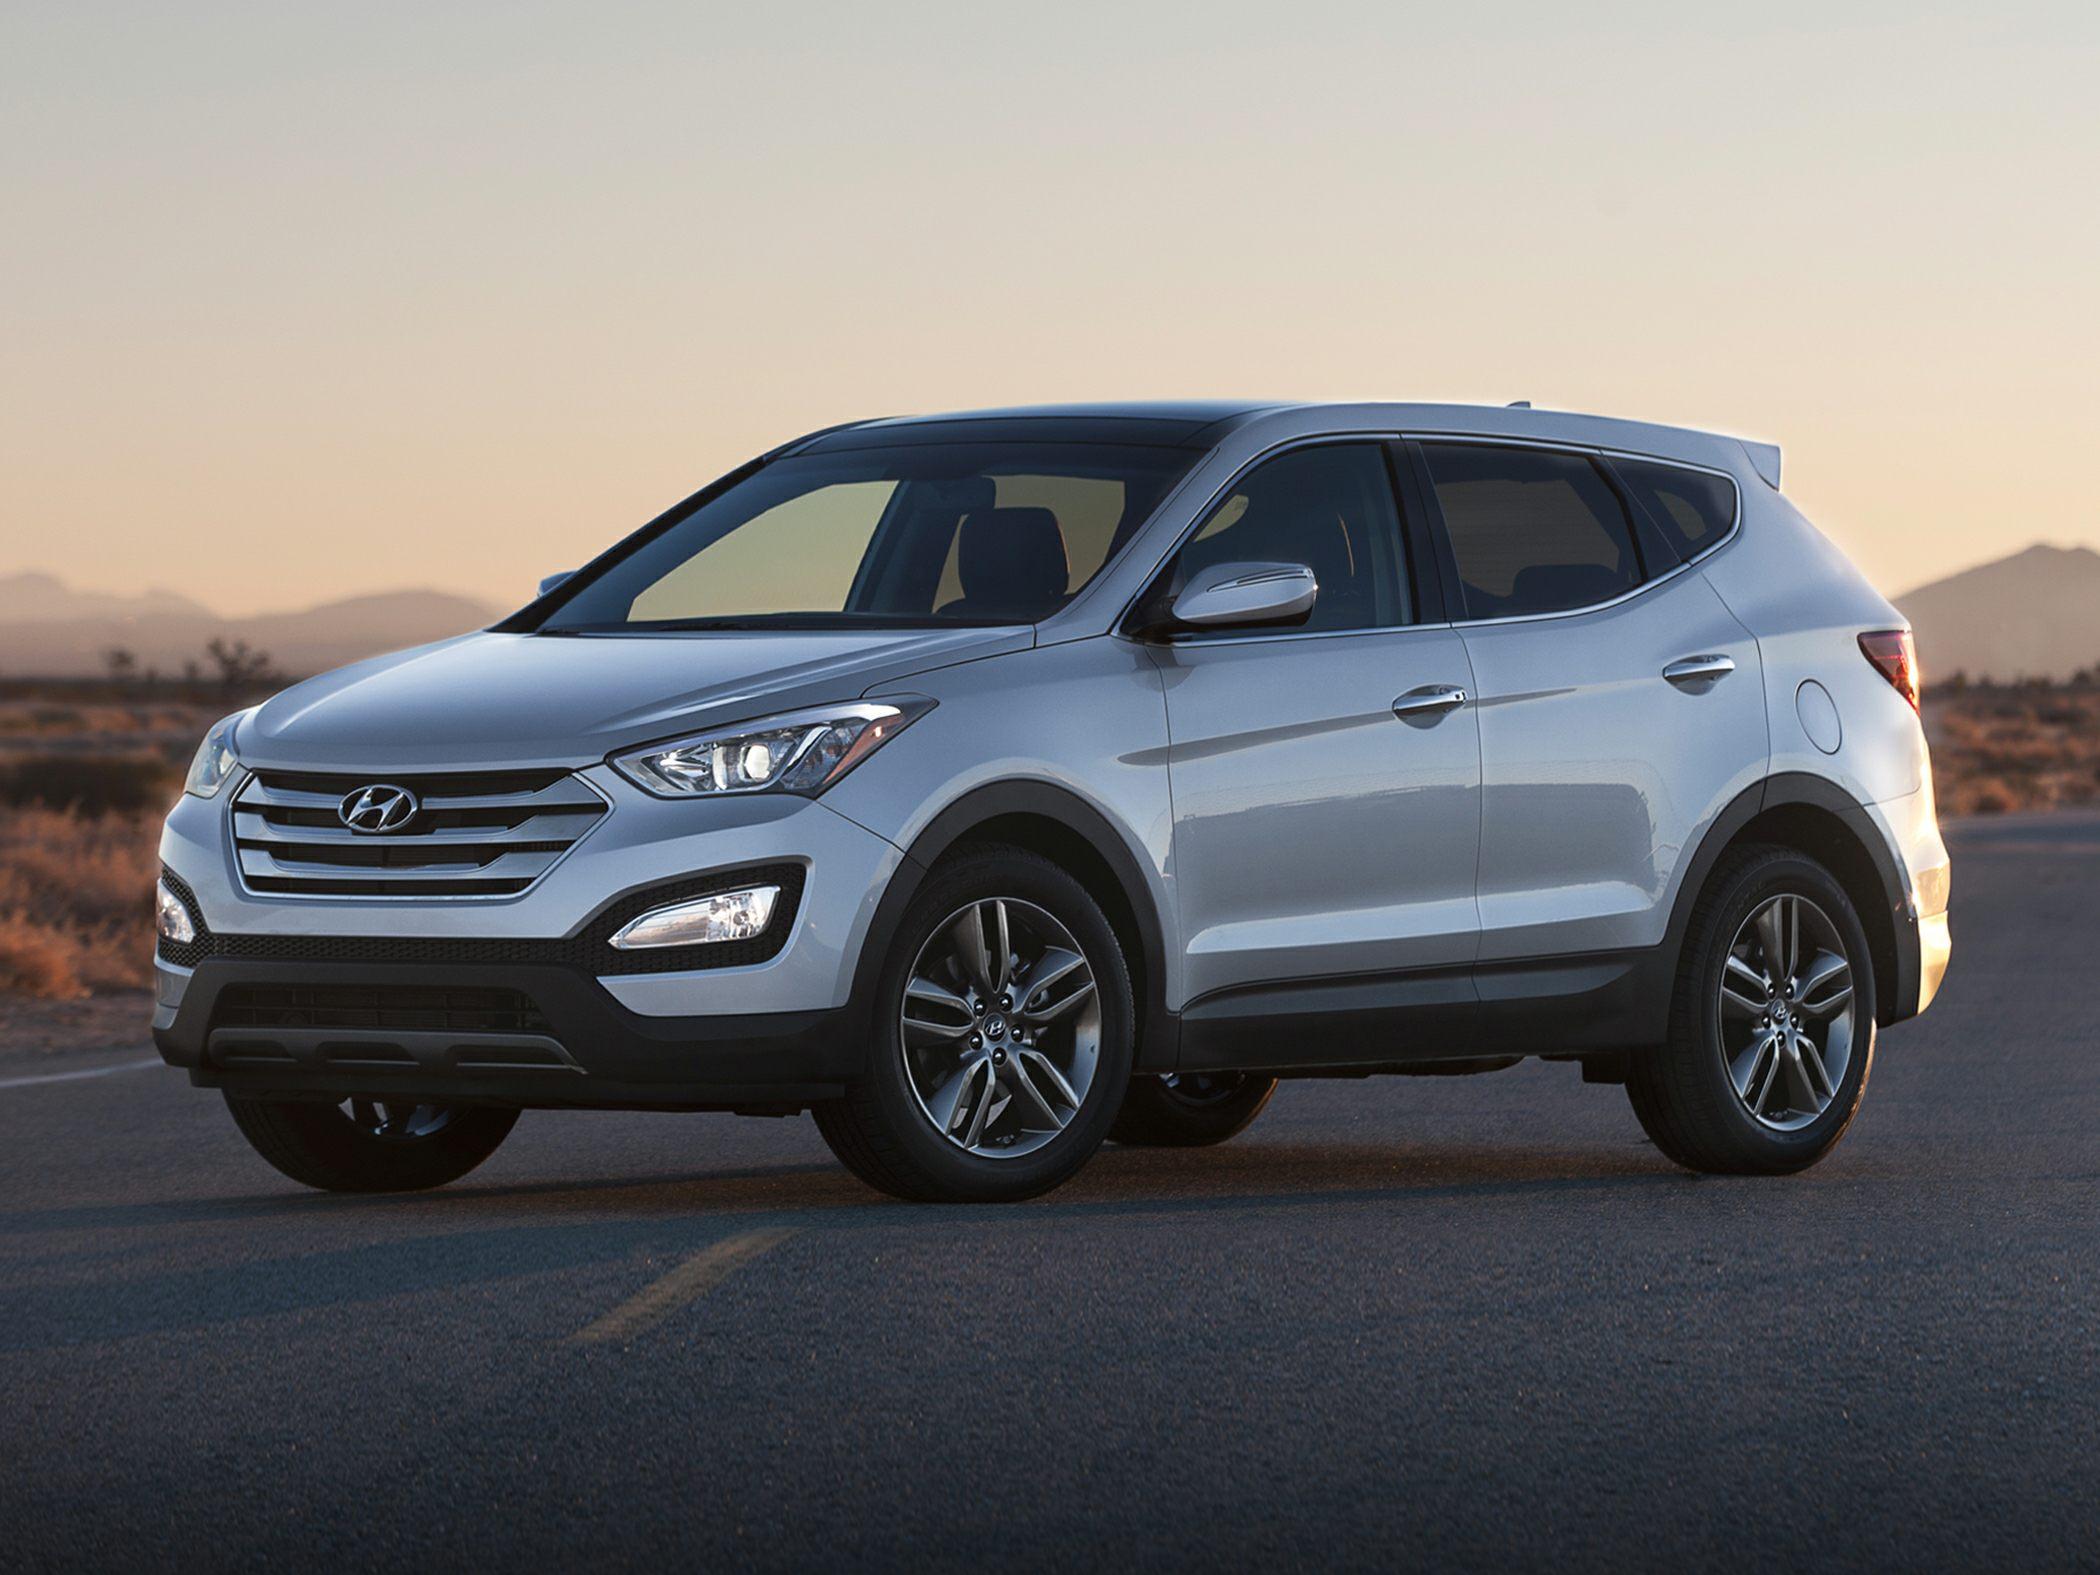 2014 Hyundai Santa Fe Sport Glam